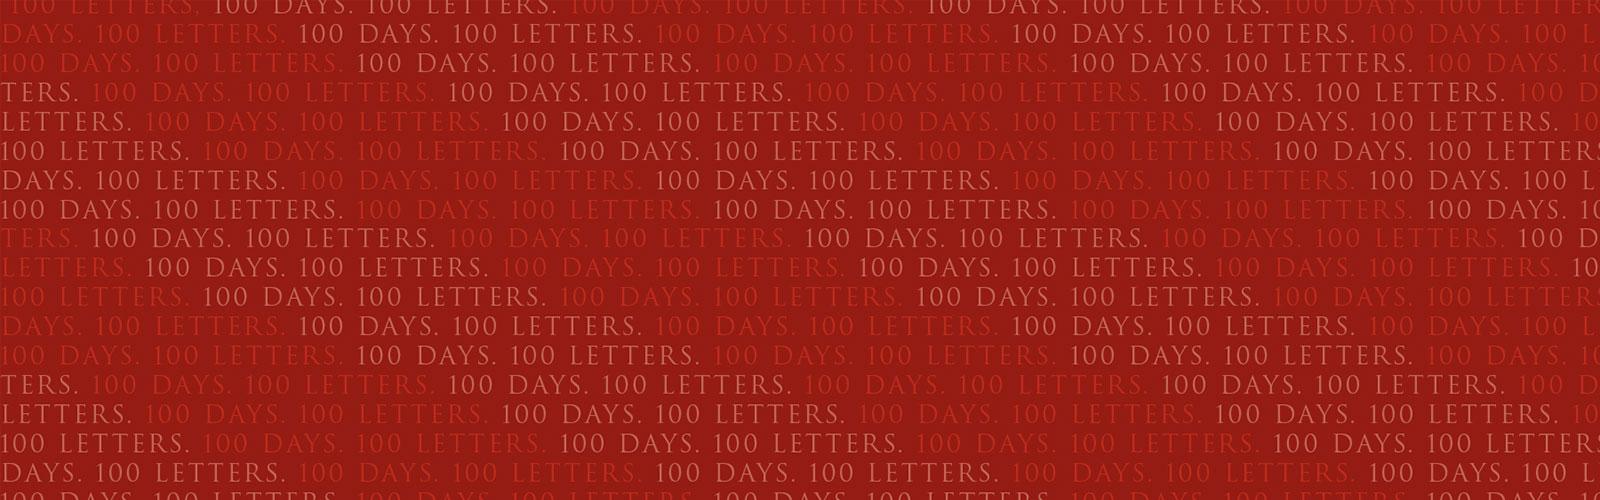 Letter 18